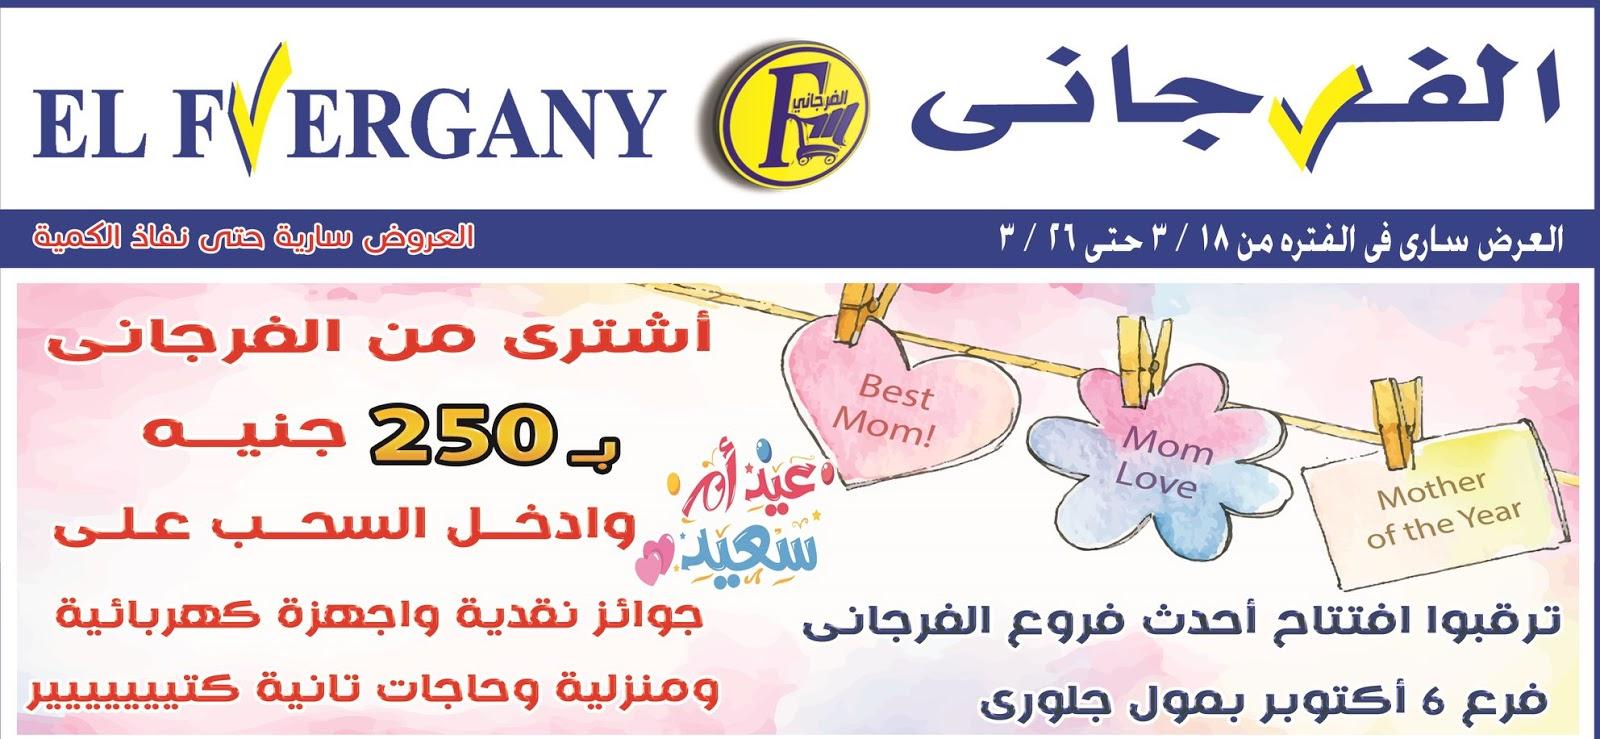 عروض الفرجانى من 18 مارس حتى 26 مارس 2020 عروض عيد الام